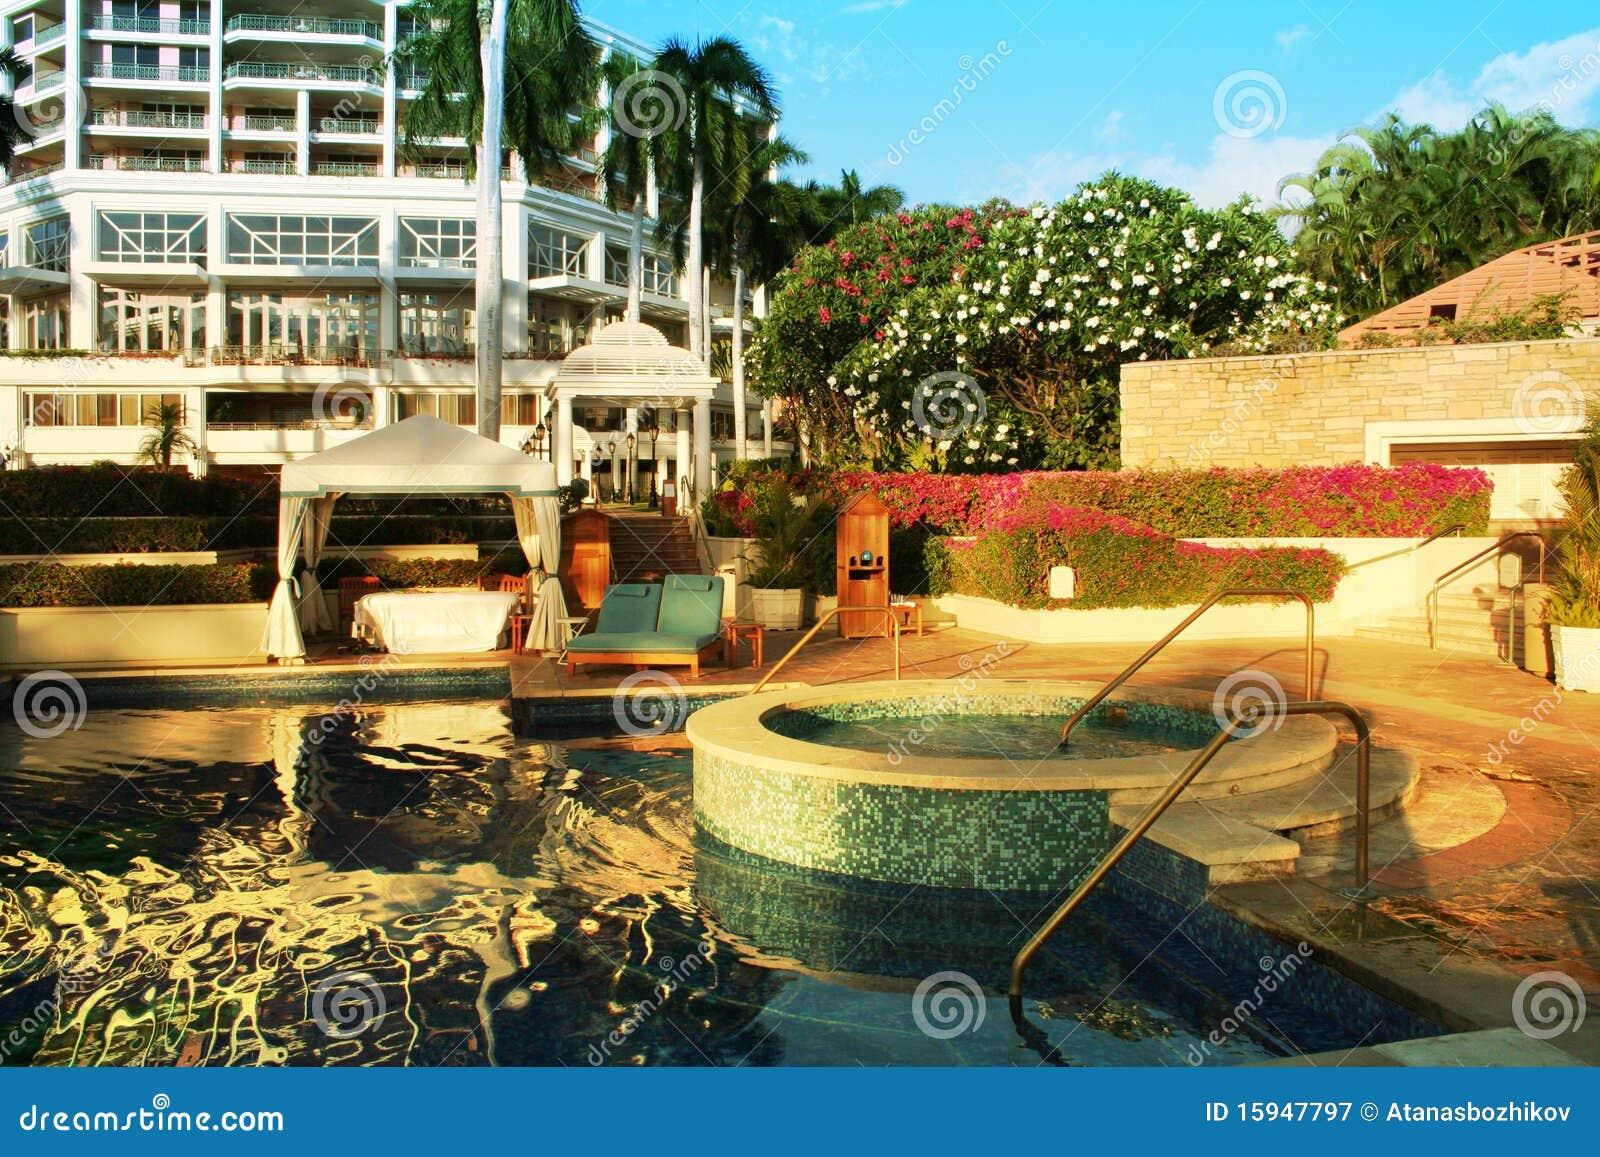 Centro turístico exótico